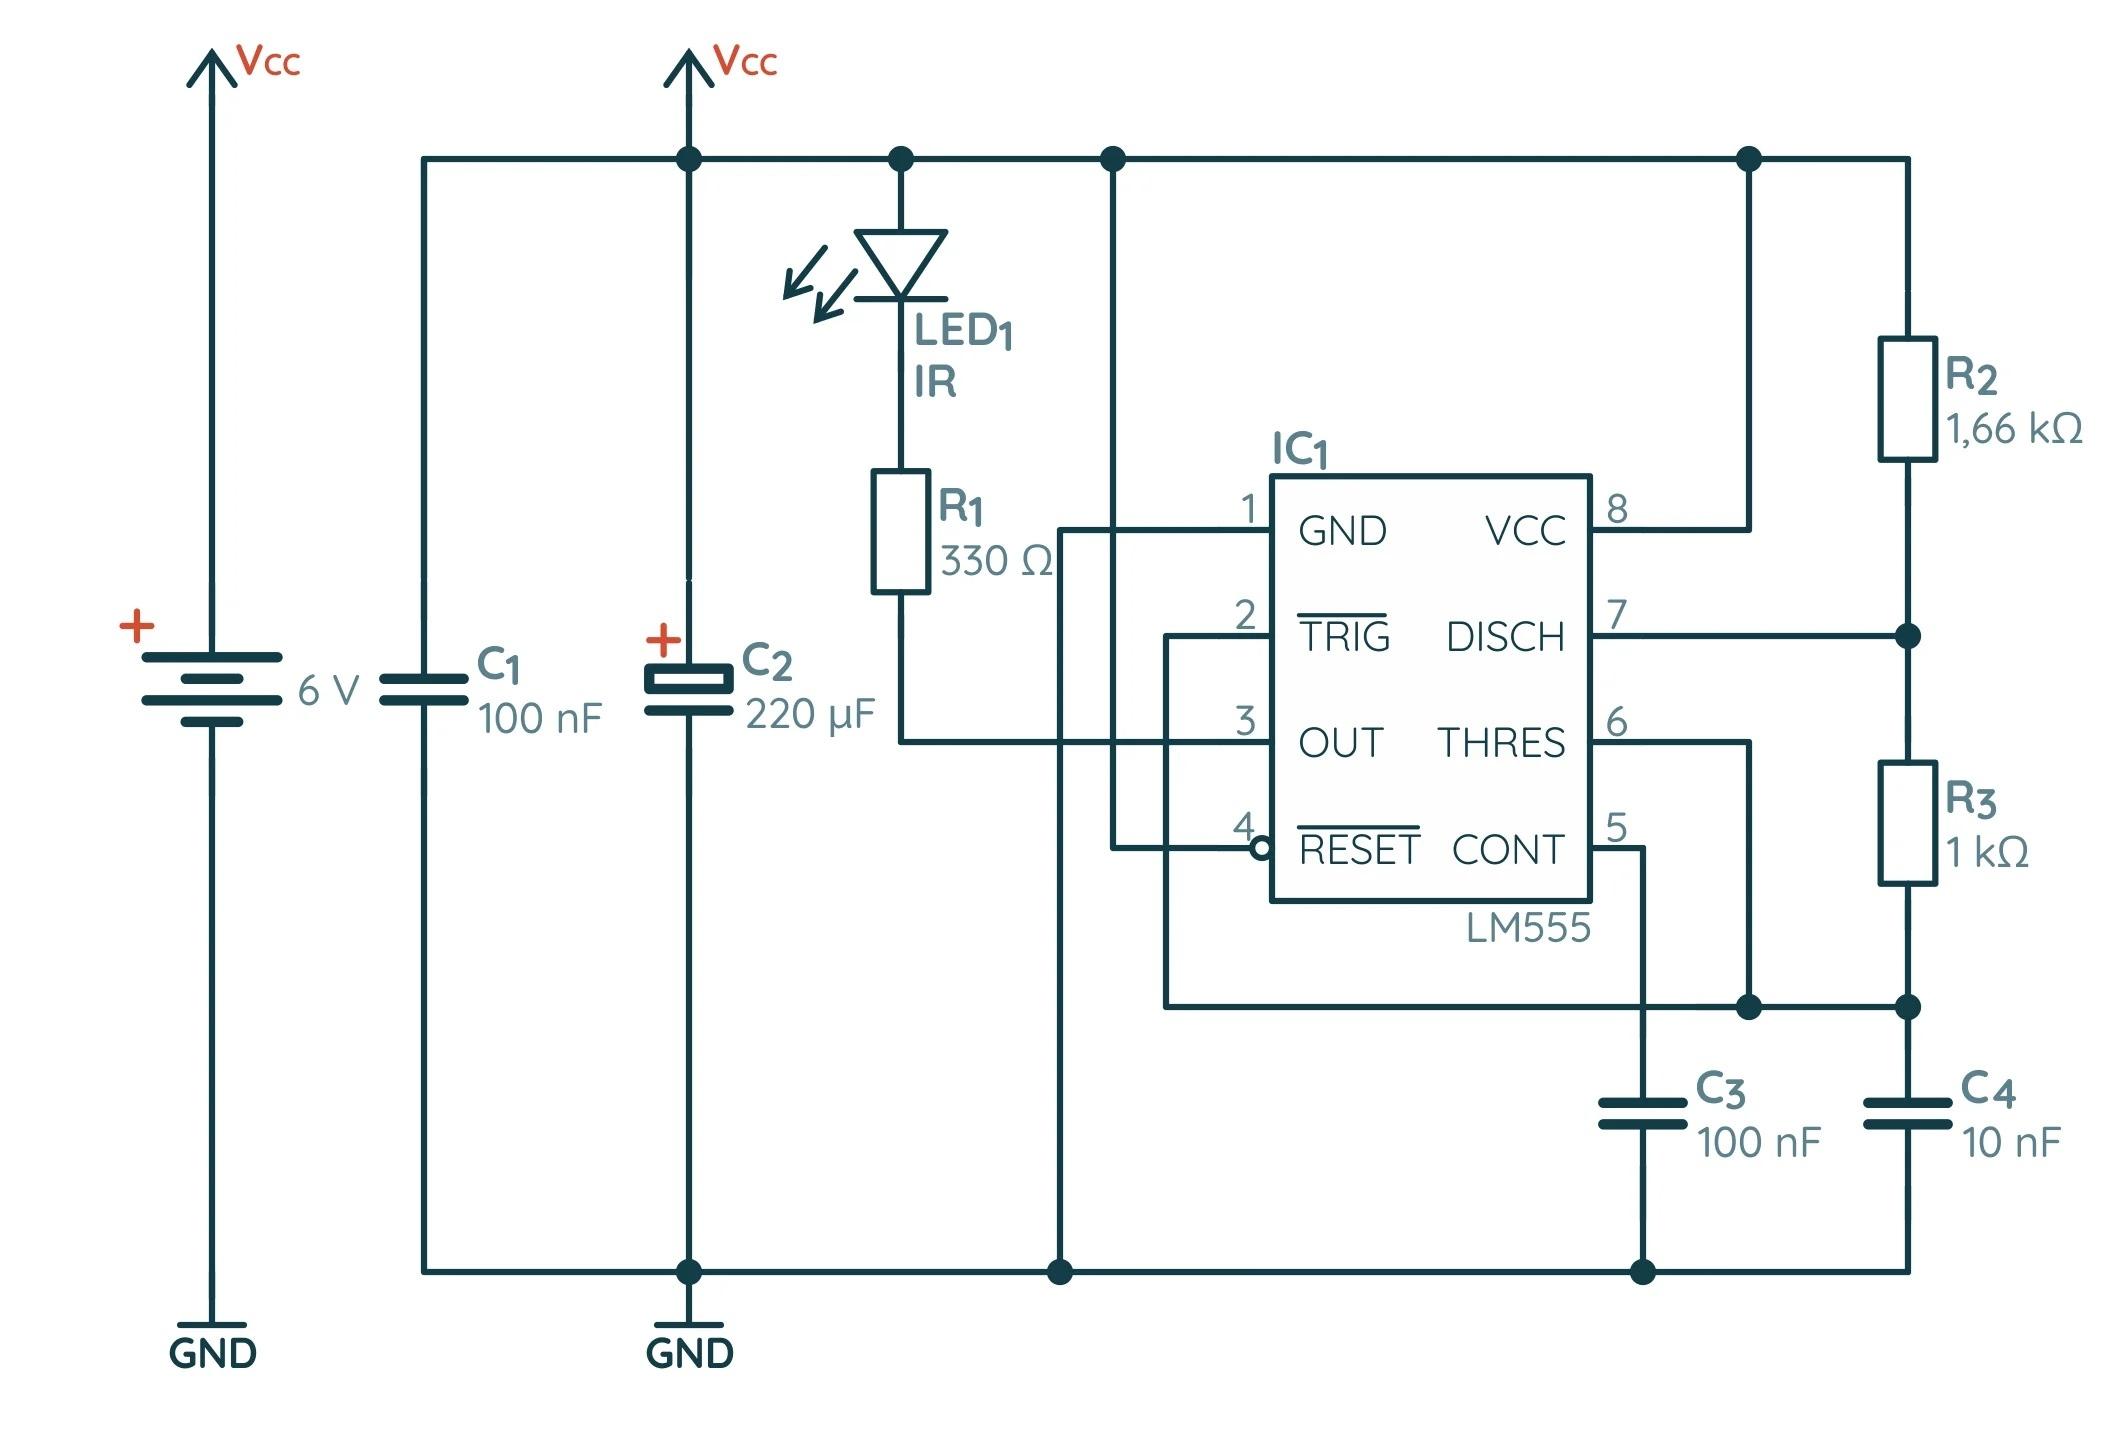 Принципиальная схема датчика препядствия на базе NE555